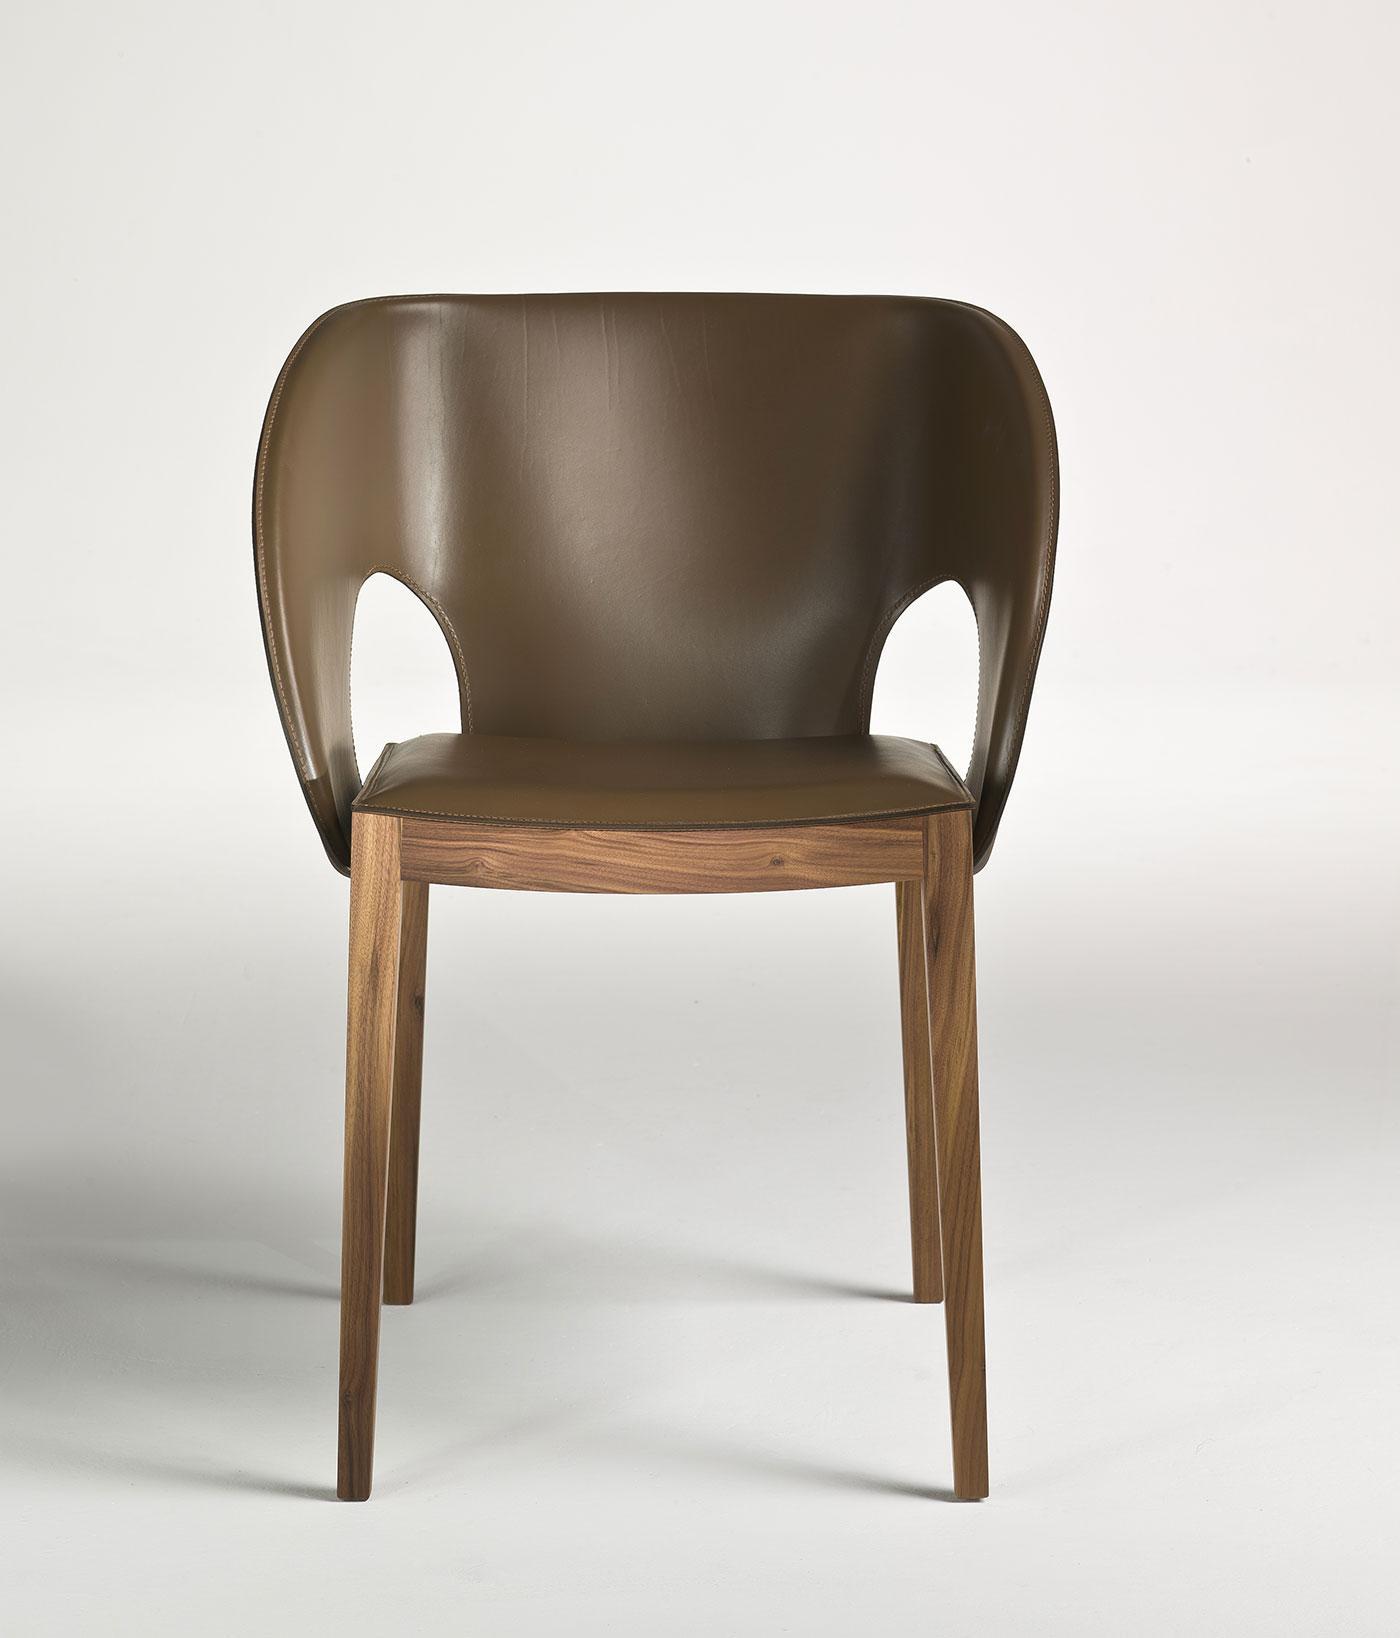 Voile chaise revêtue en cuir   idd